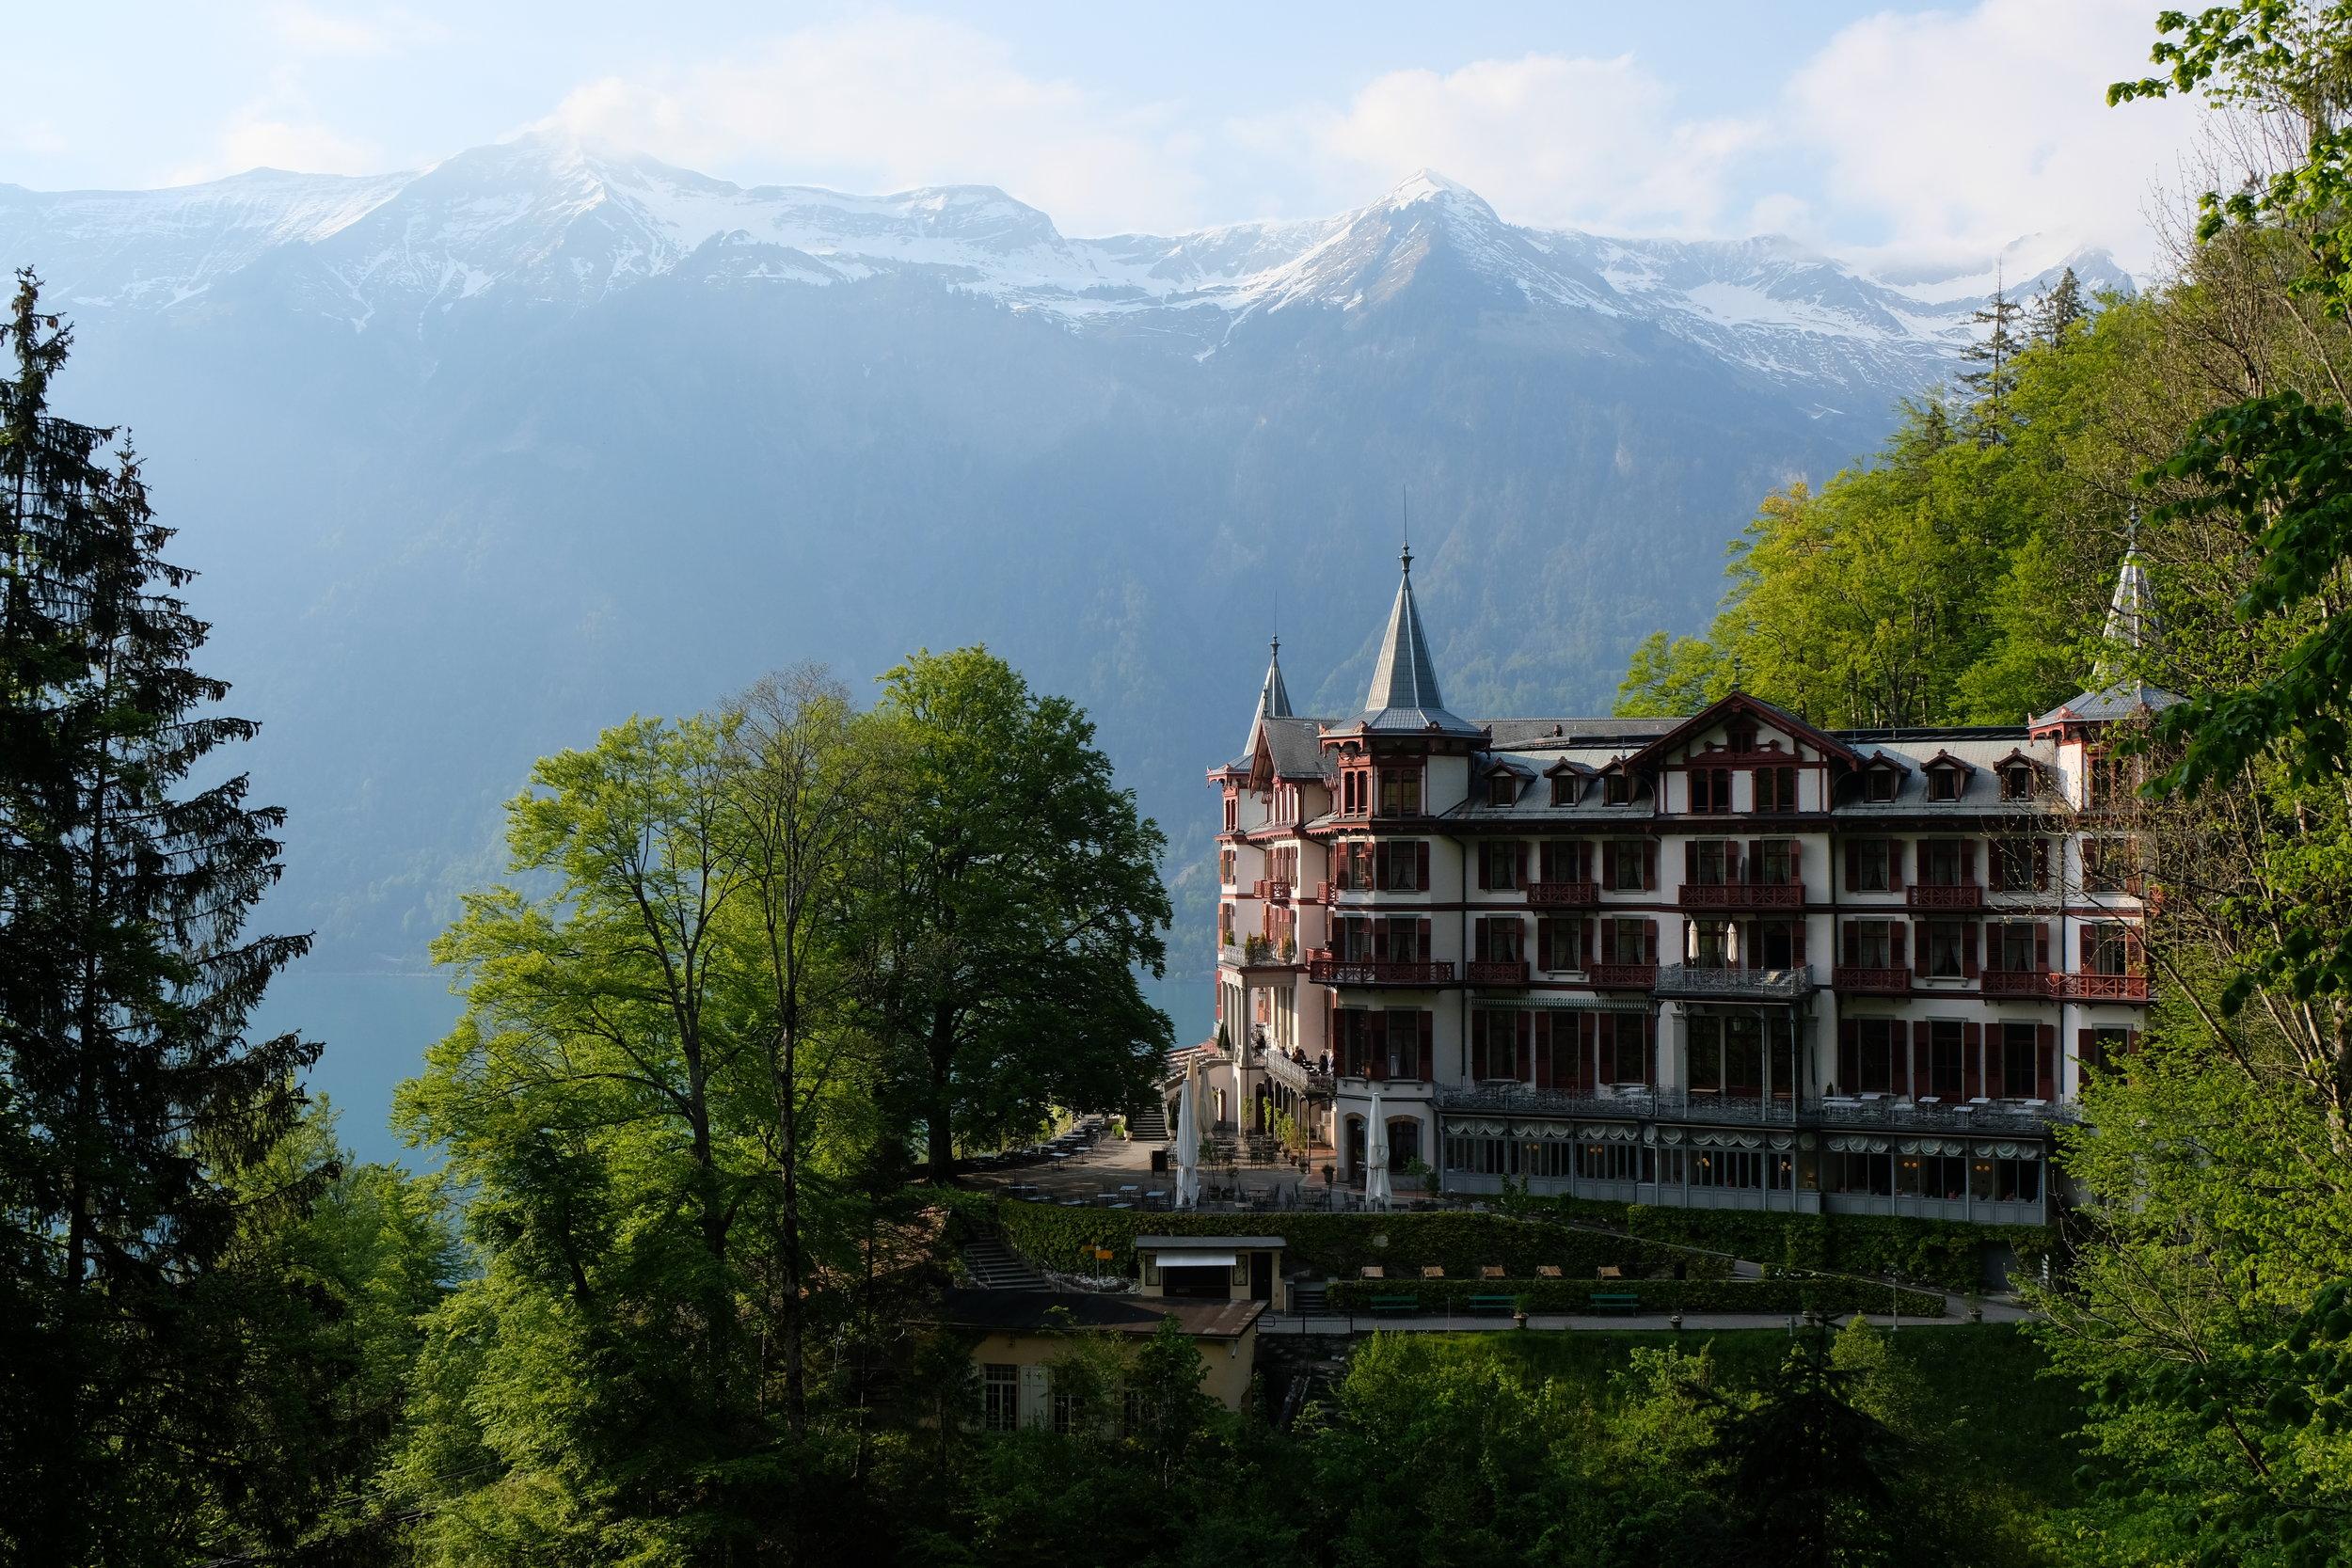 The beautiful Grandhotel Giessbach